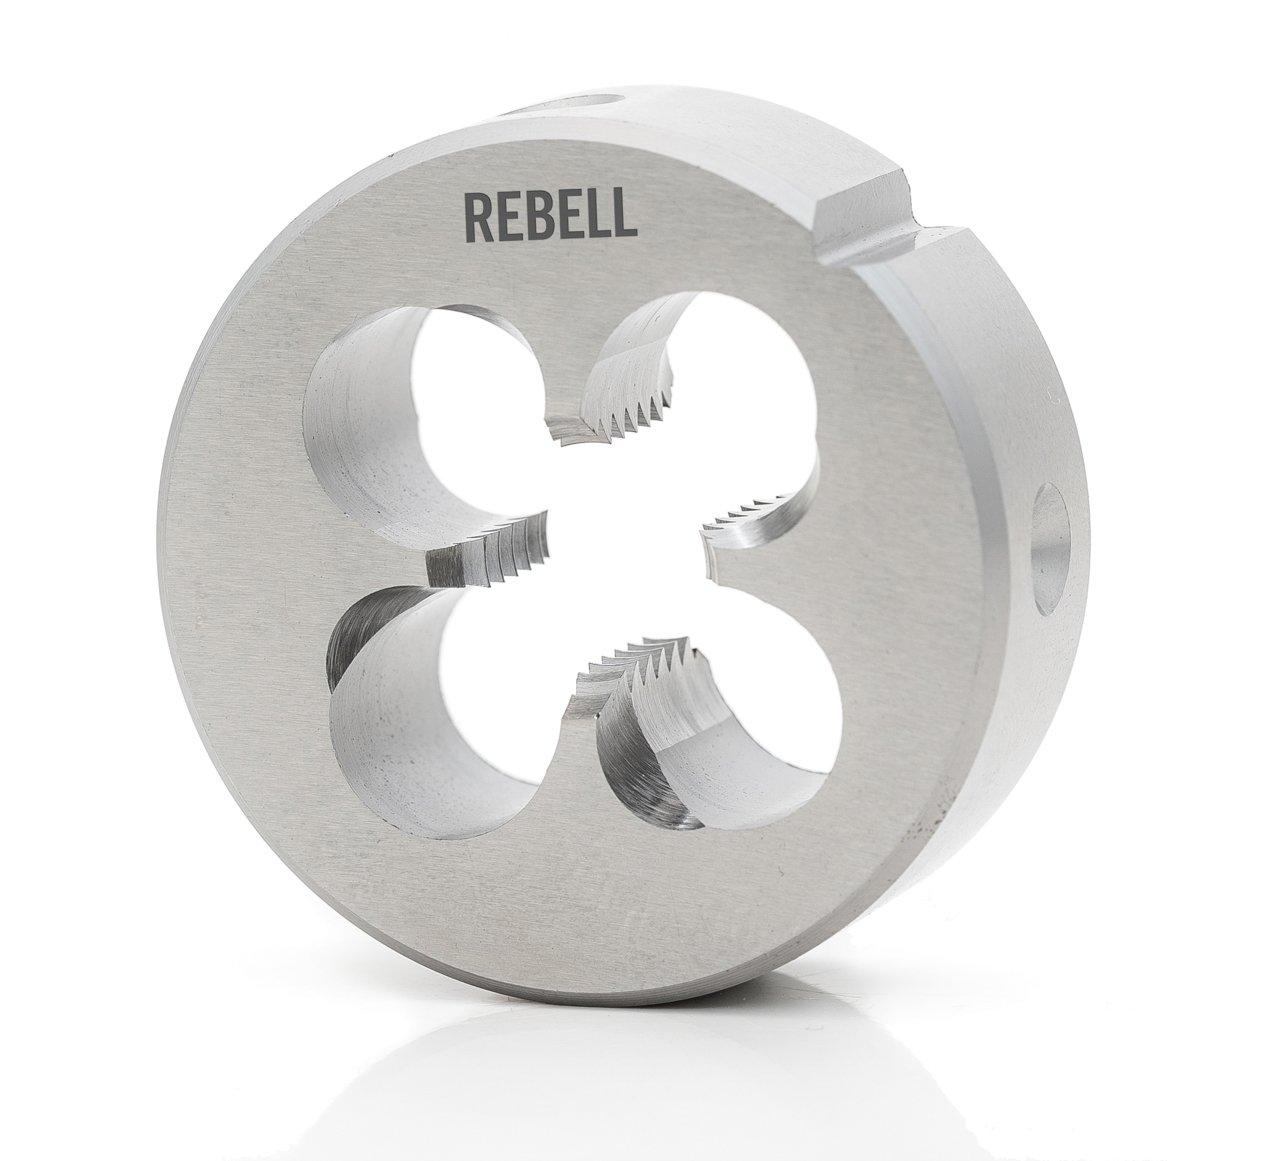 REBELL Schneideisen UNS RH 2A HSS mit Schälanschnitt - EN 22568 - Typ N